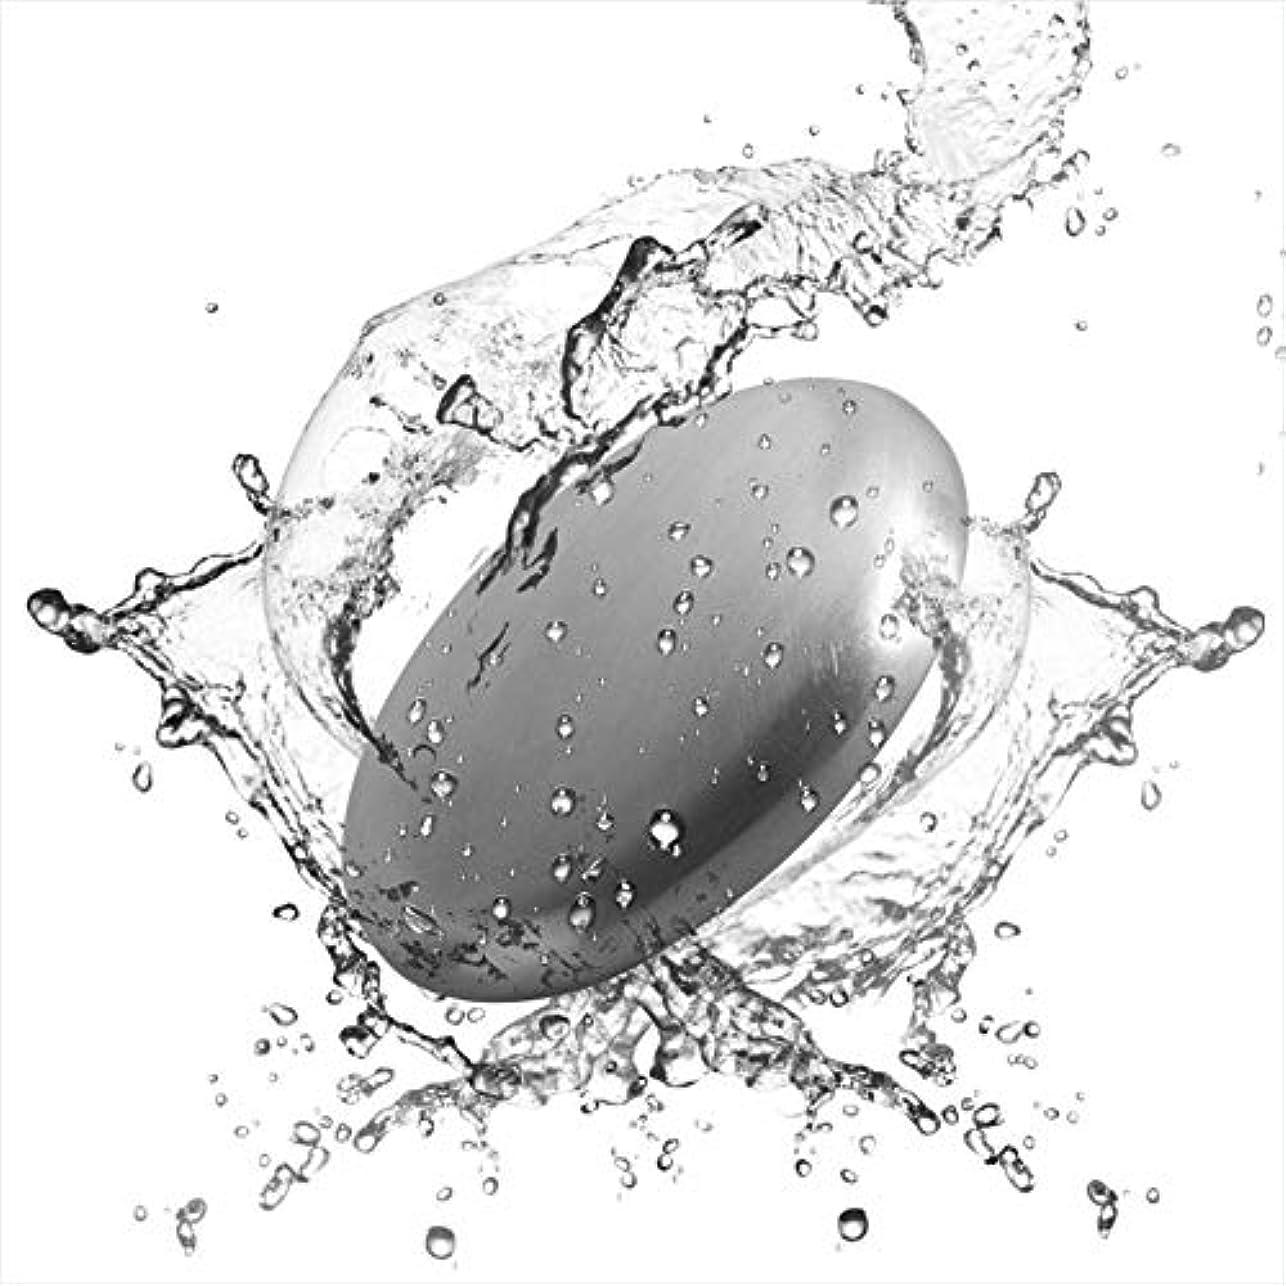 うるさいスチール移住するRefoiner ステンレス製品 ソープ 実用的な台所用具 石鹸 魚臭 玉ねぎやニンニク 異臭を取り除く 2個